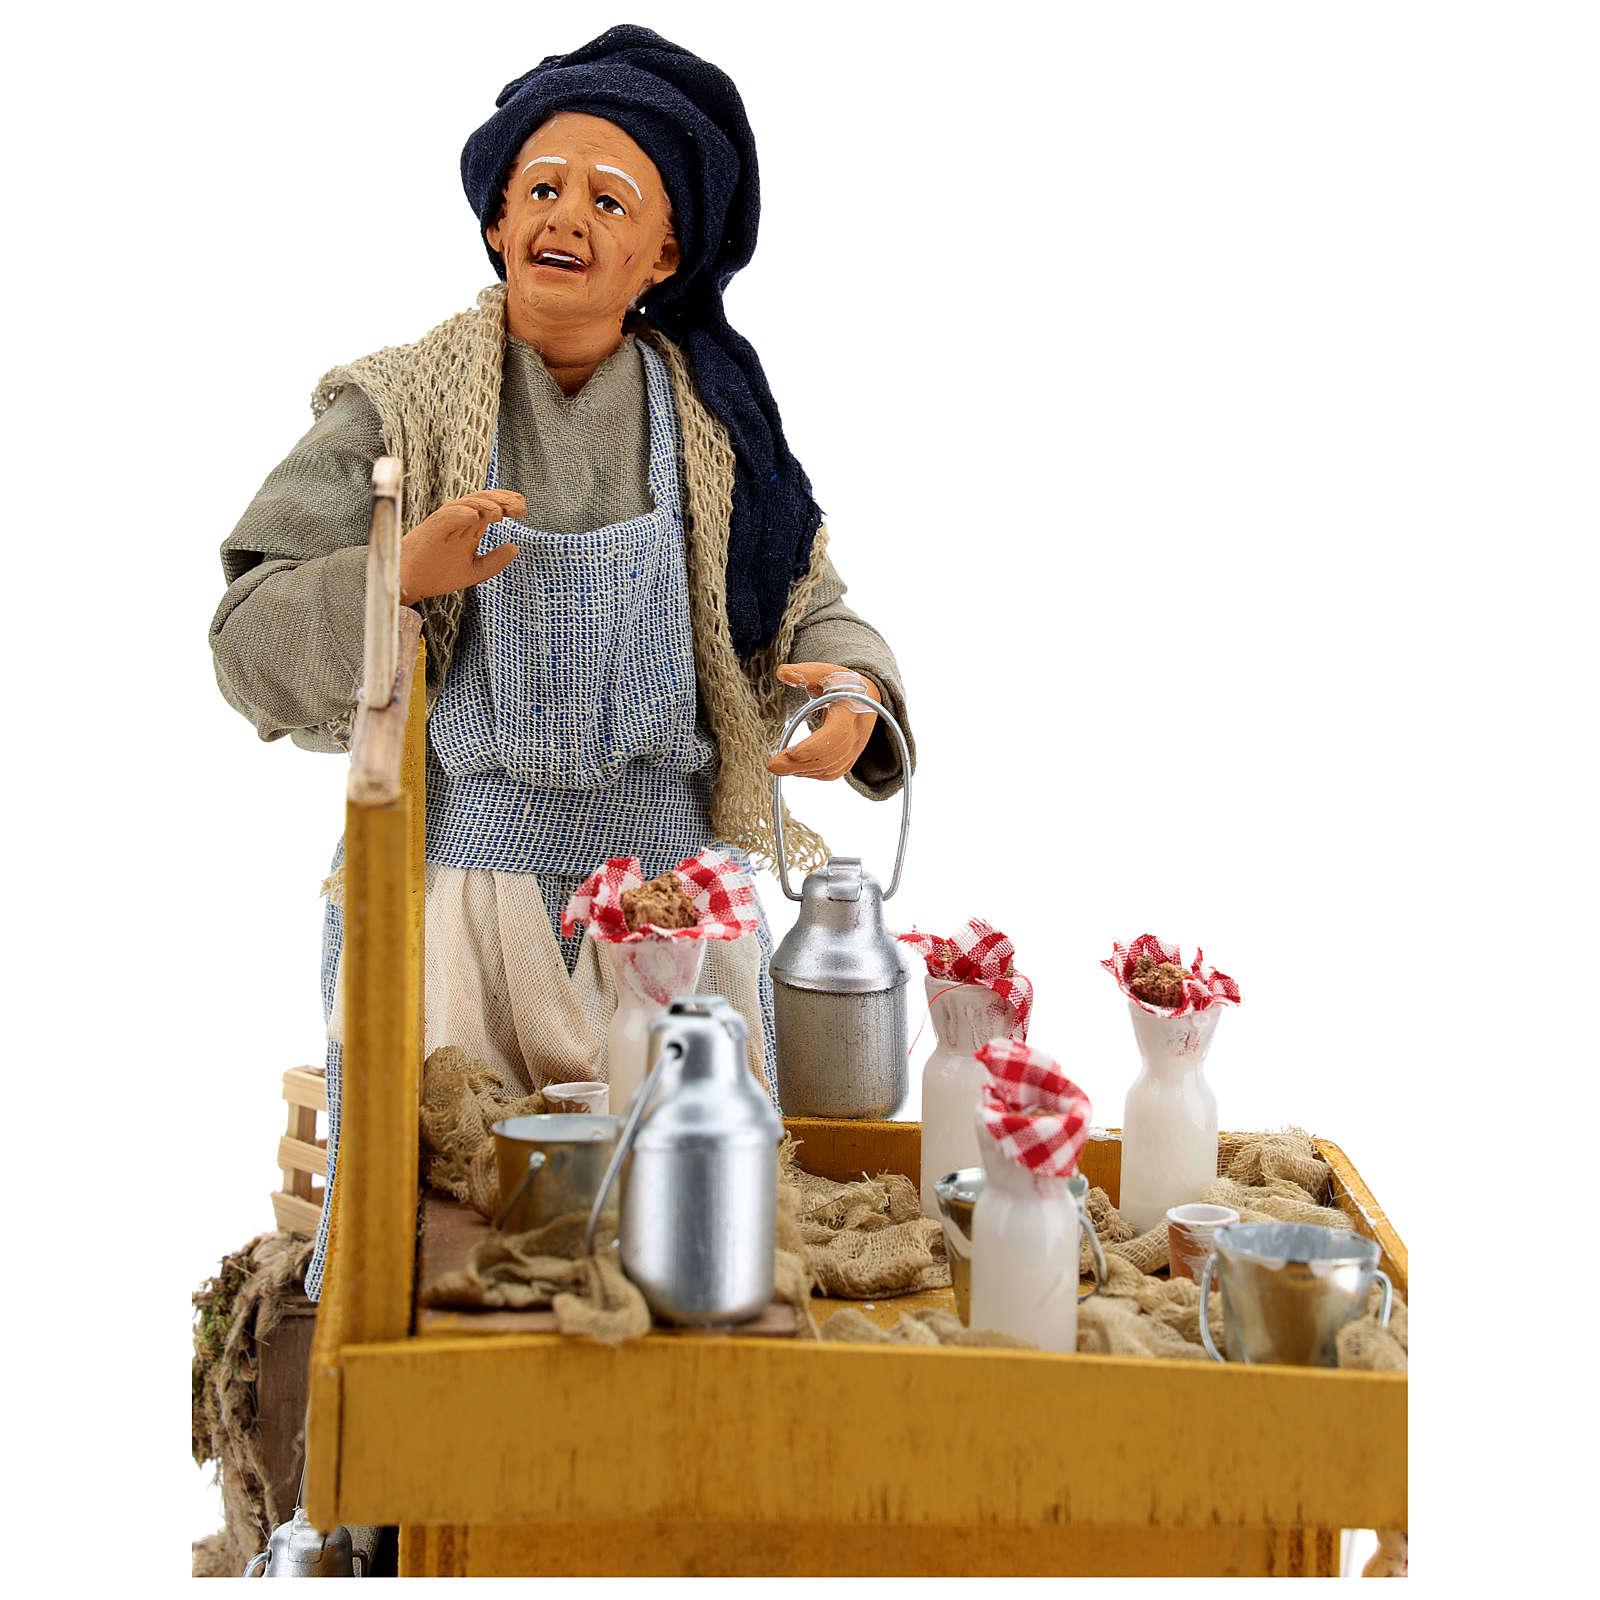 Movimento lattaia con banco e secchi di latte presepe di Napoli 30 cm 4